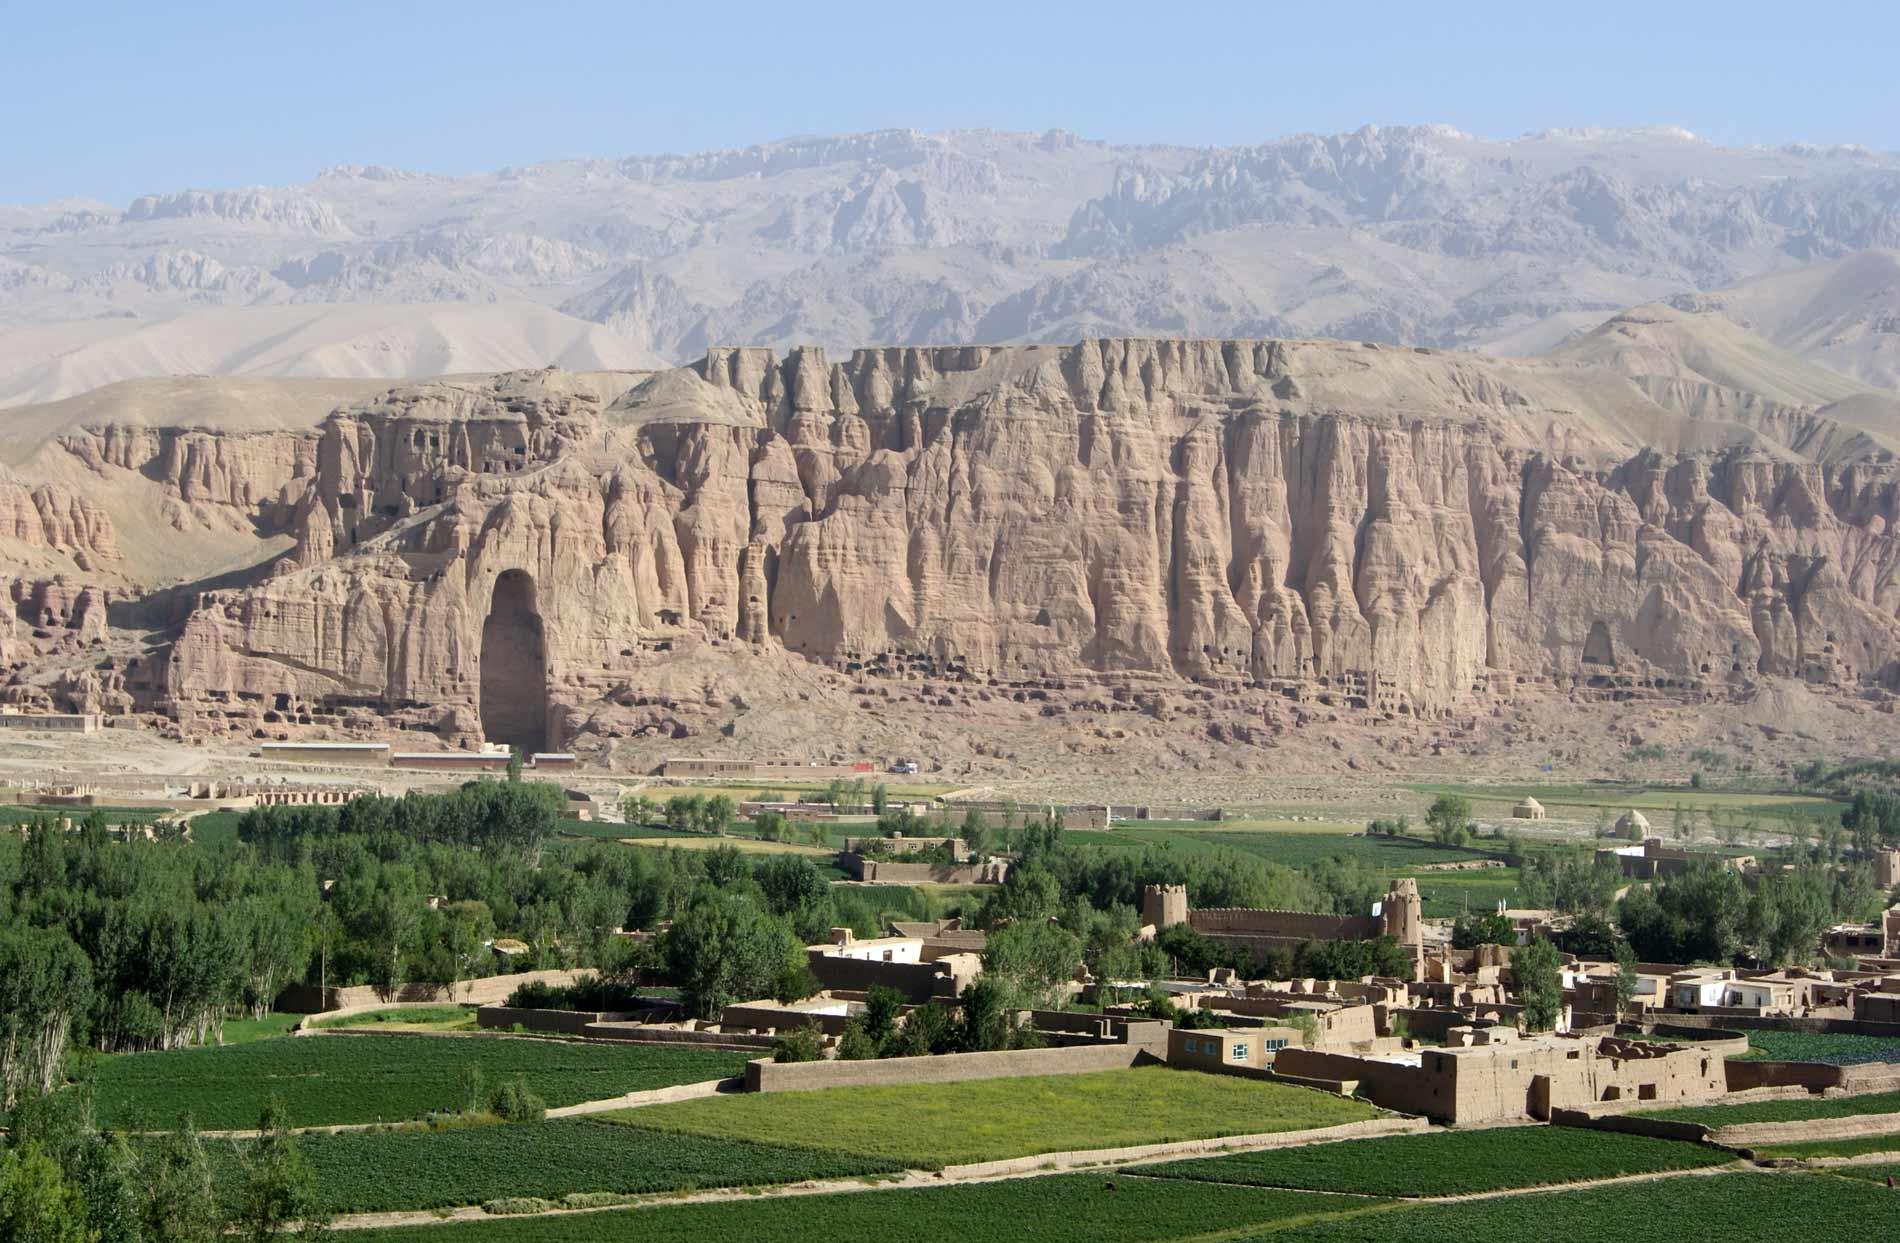 красивые фото афганистан крайней мере